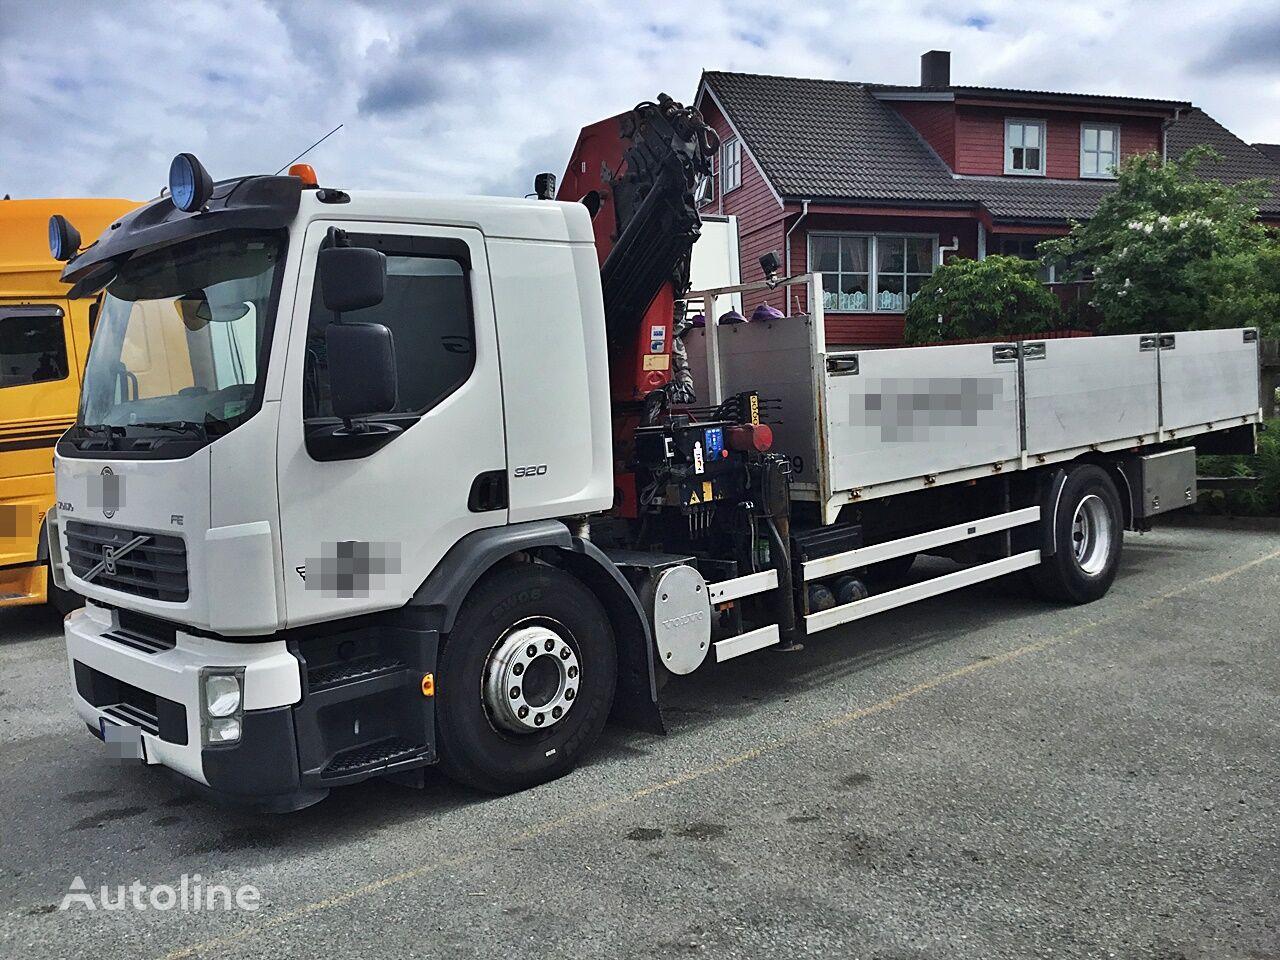 VOLVO FE-320 4x2 *Kran*HMF 1820*Manual*Euro 4 camión caja abierta